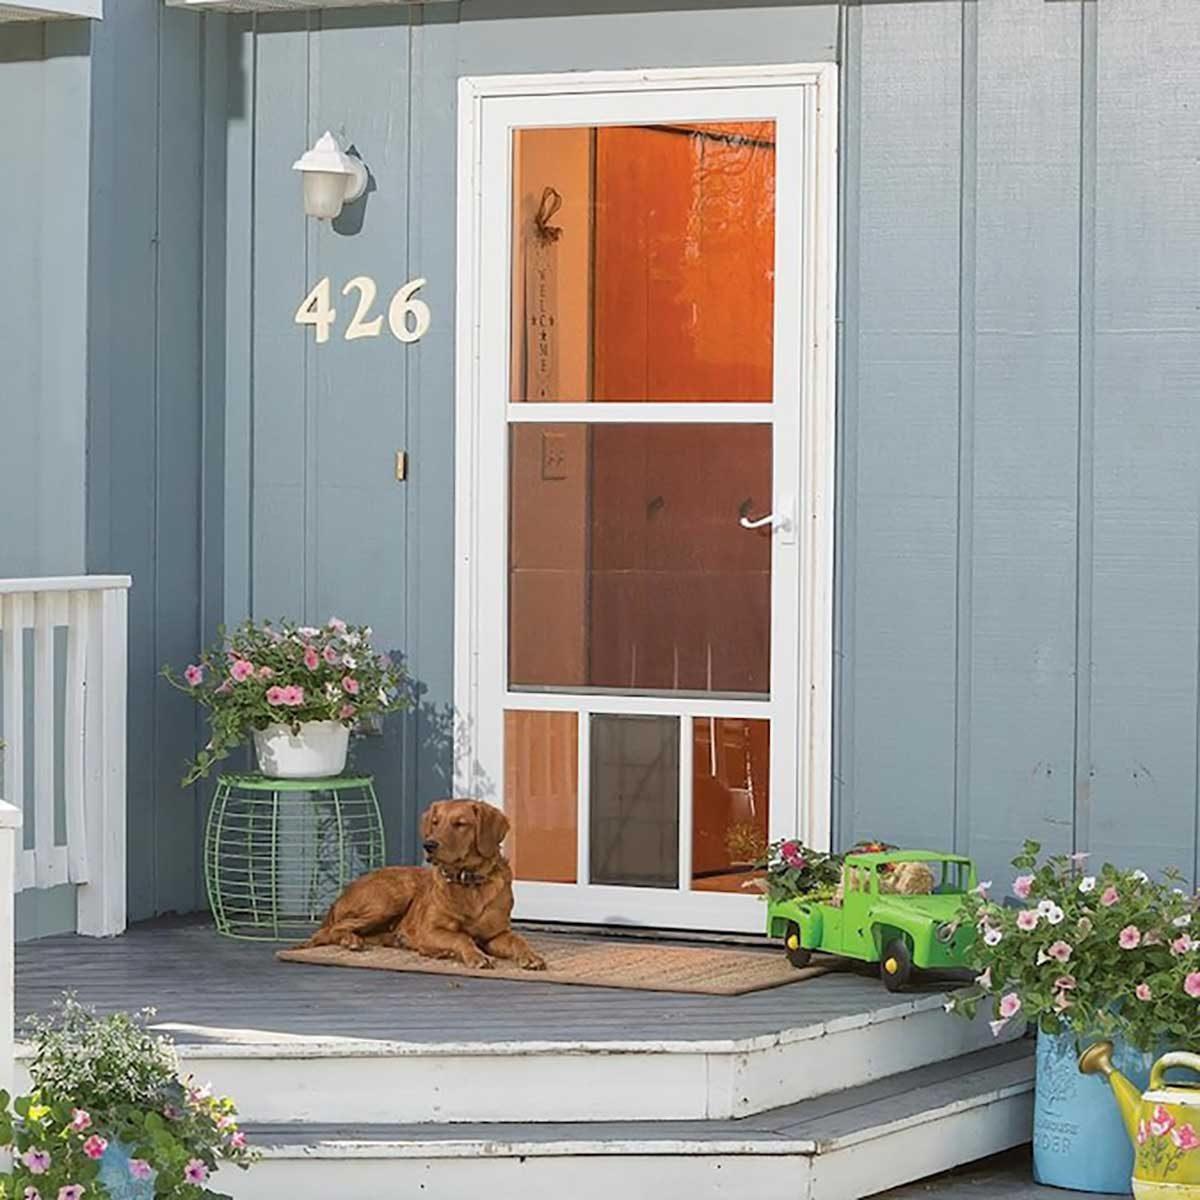 7 Best Storm Doors The Family Handyman For regular doors, door entry dog doors will do the trick. 7 best storm doors the family handyman